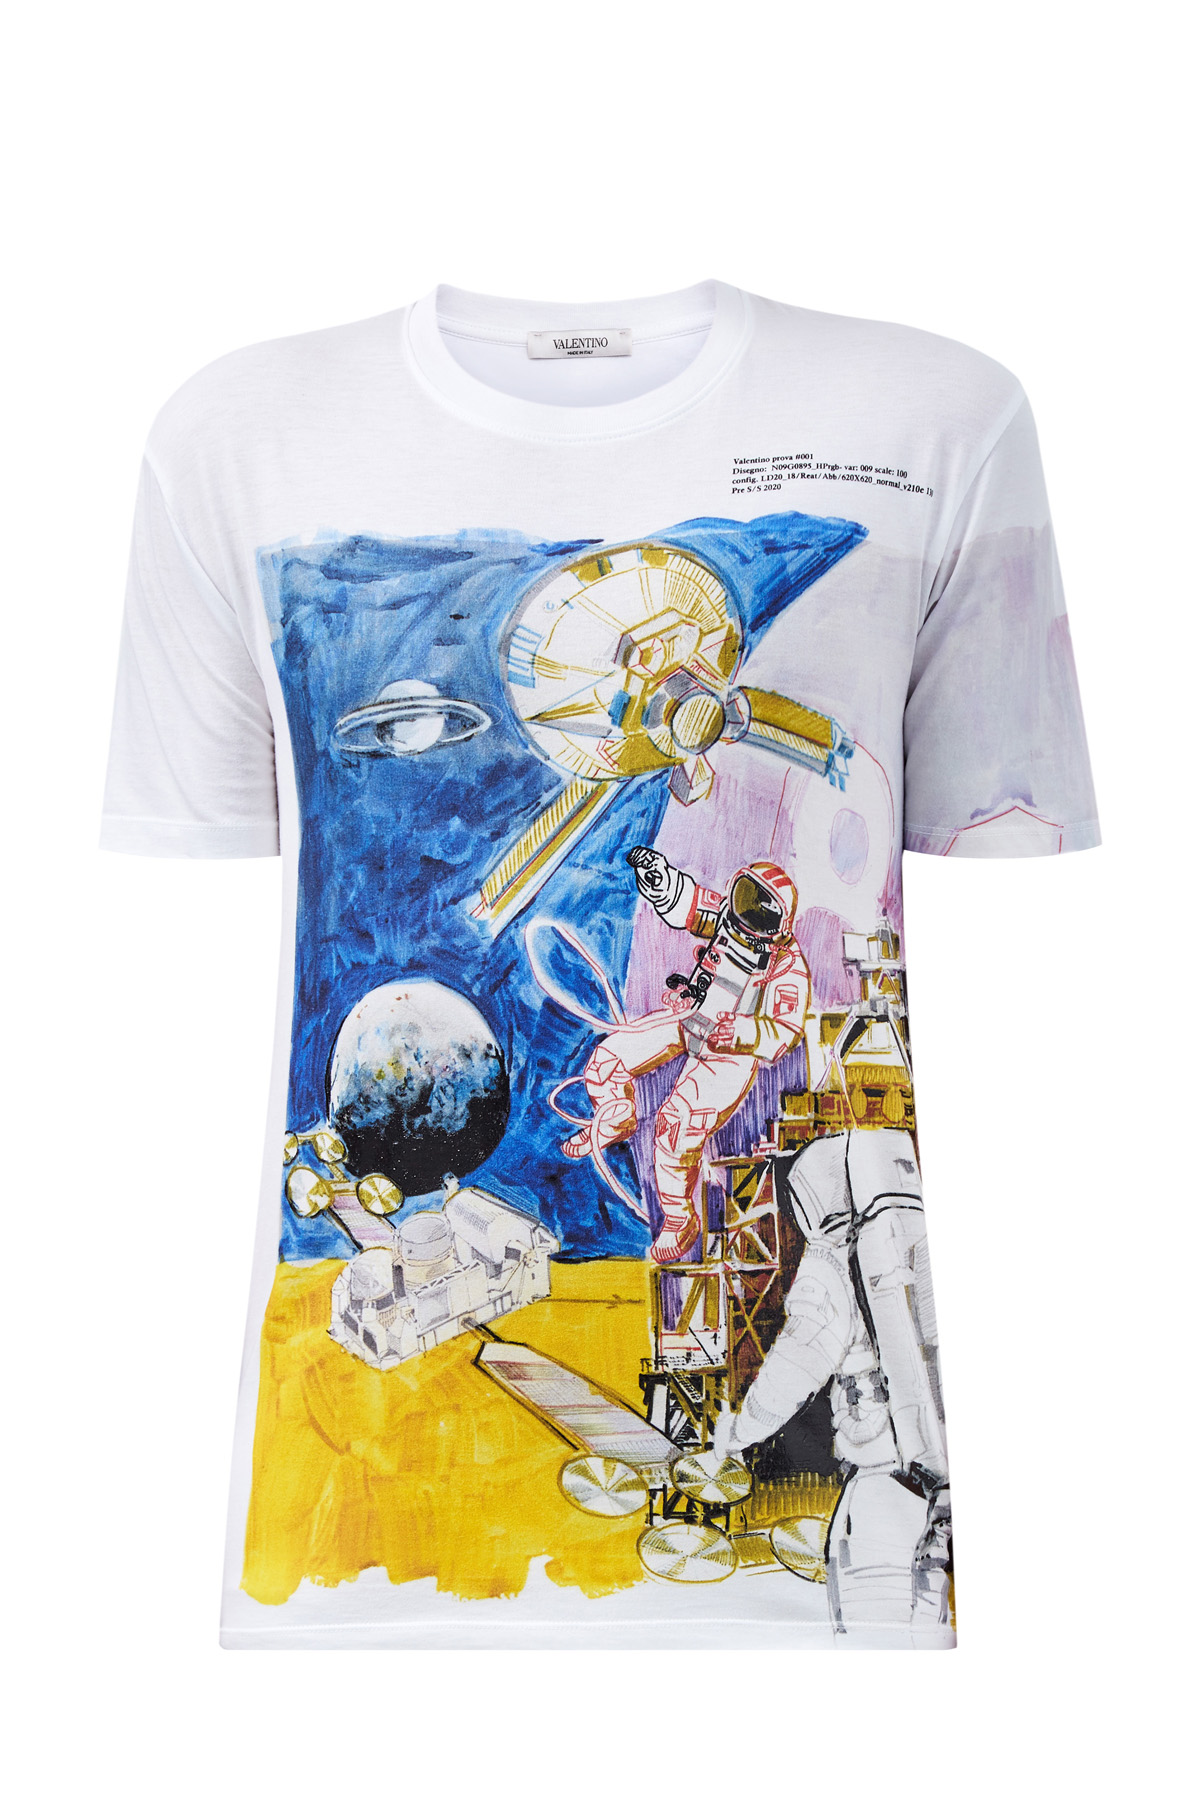 Хлопковая футболка с принтом Spaceland фото